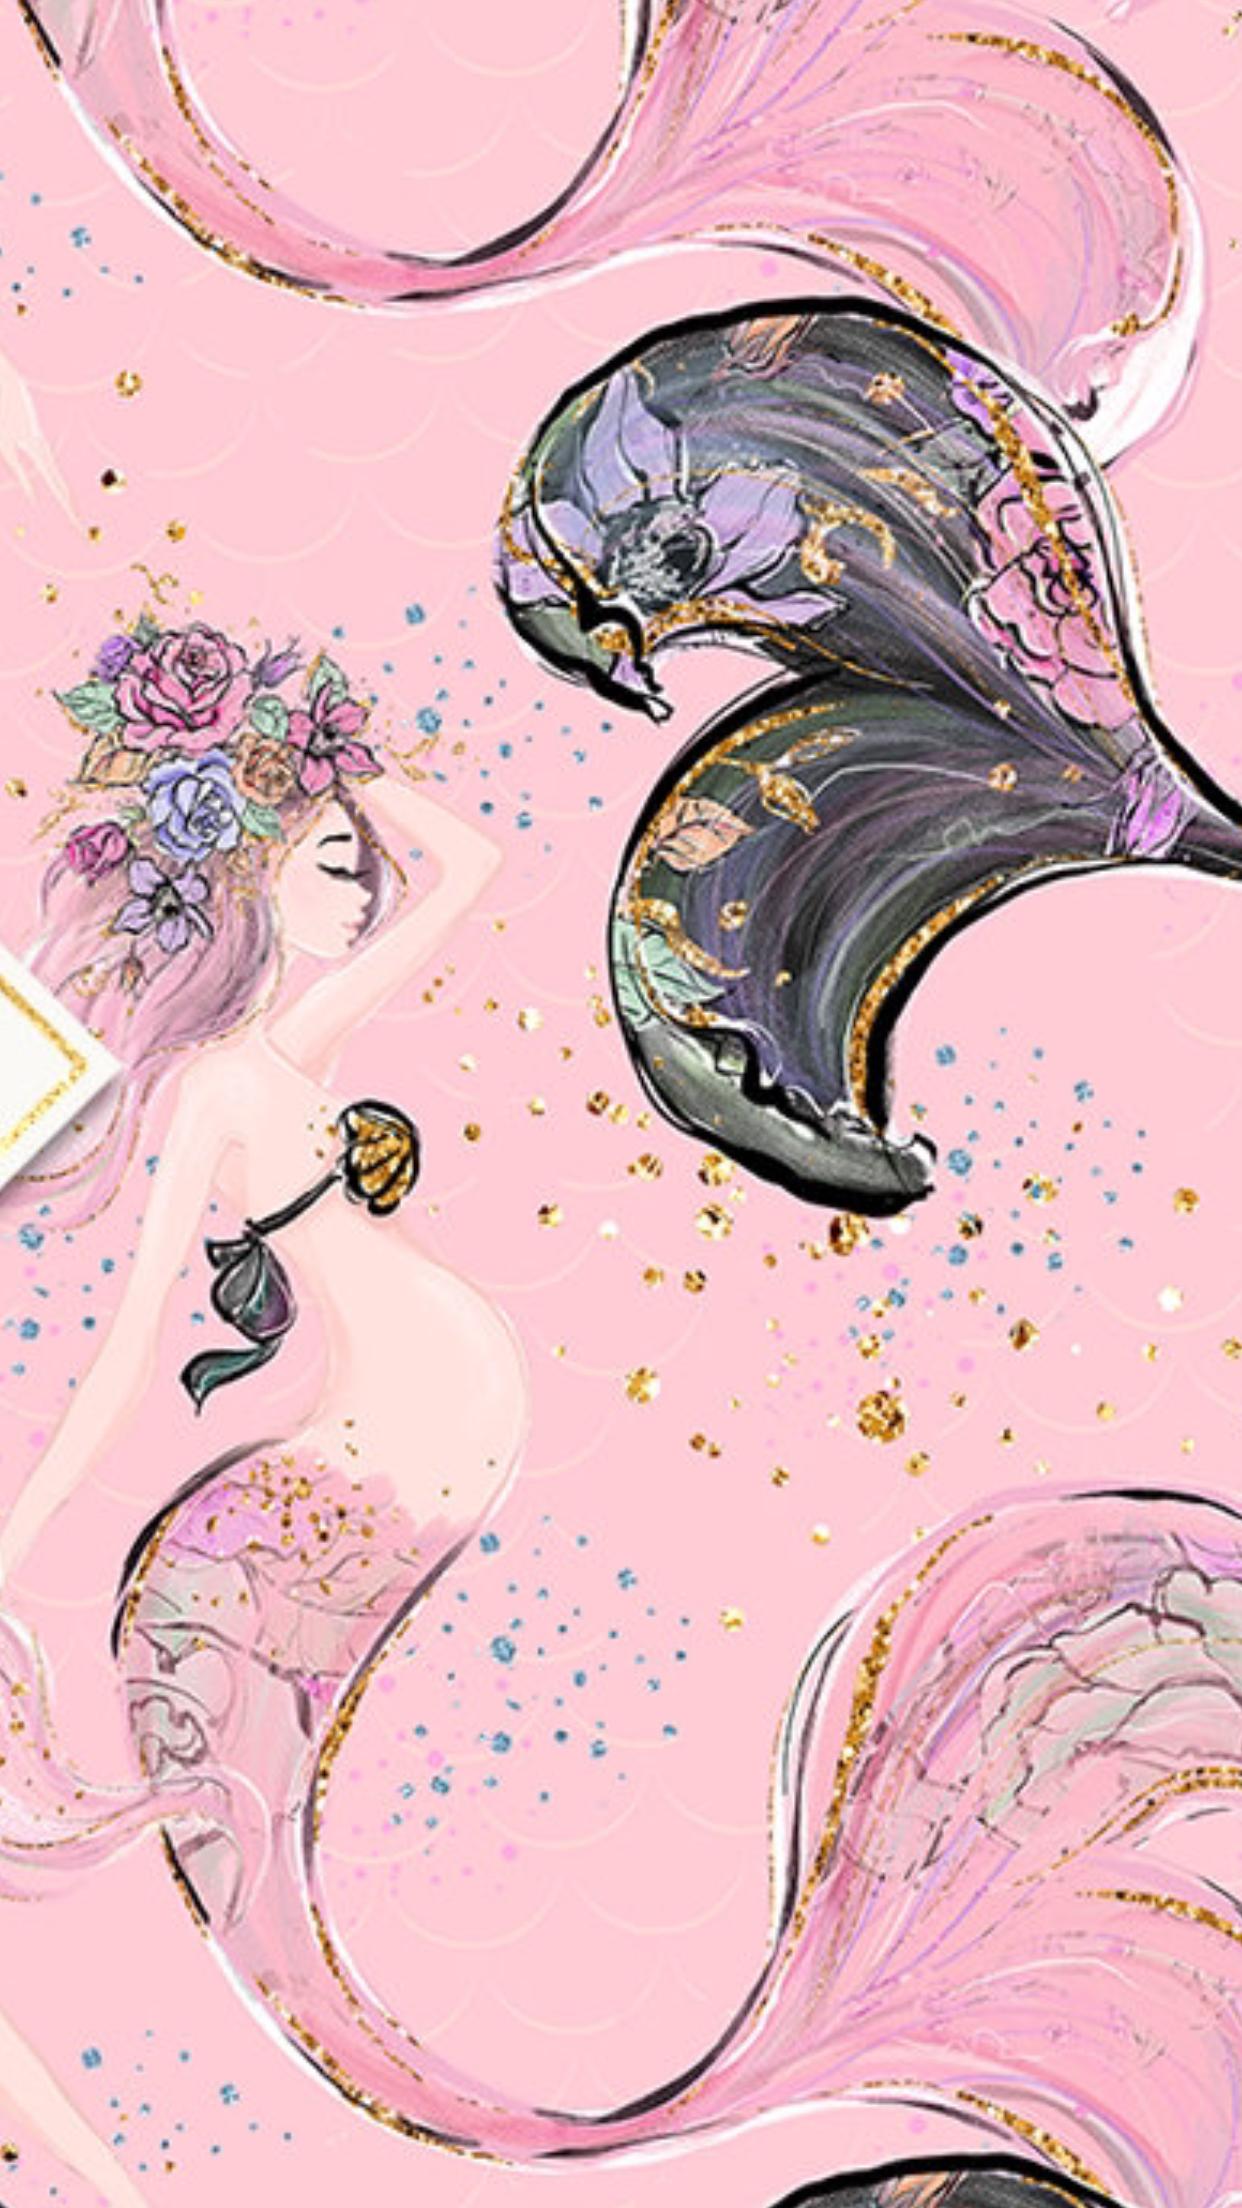 Mermaid | Mermaid art, Mermaid wallpapers, Drawings